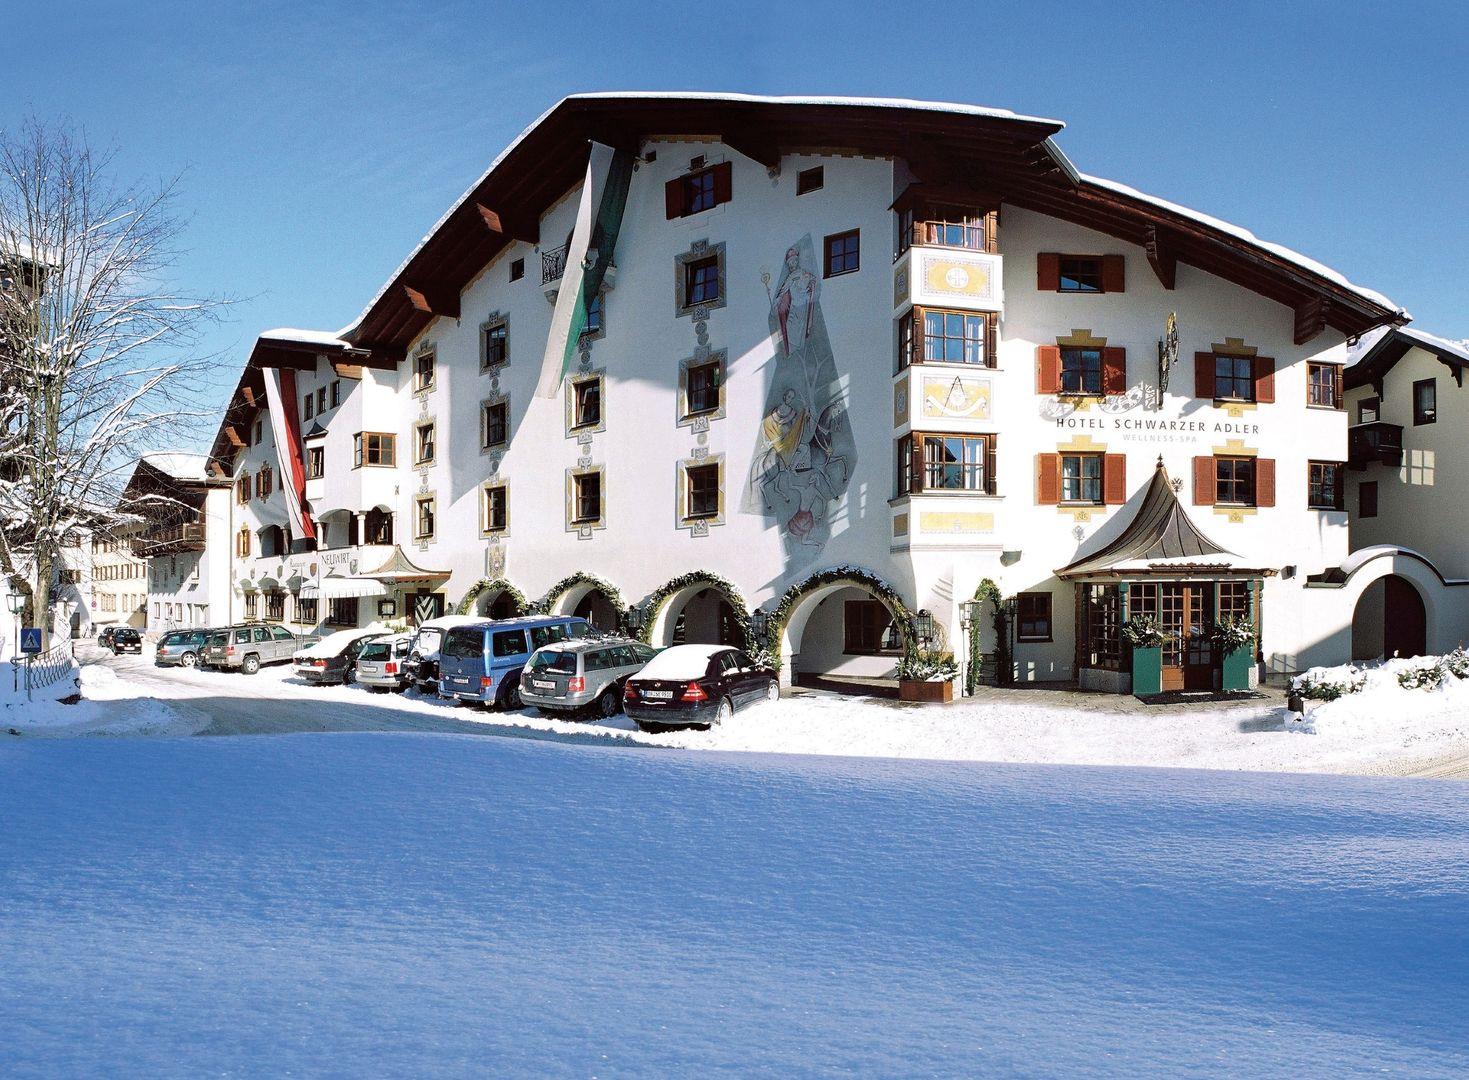 Hotel Schwarzer Adler - Slide 1